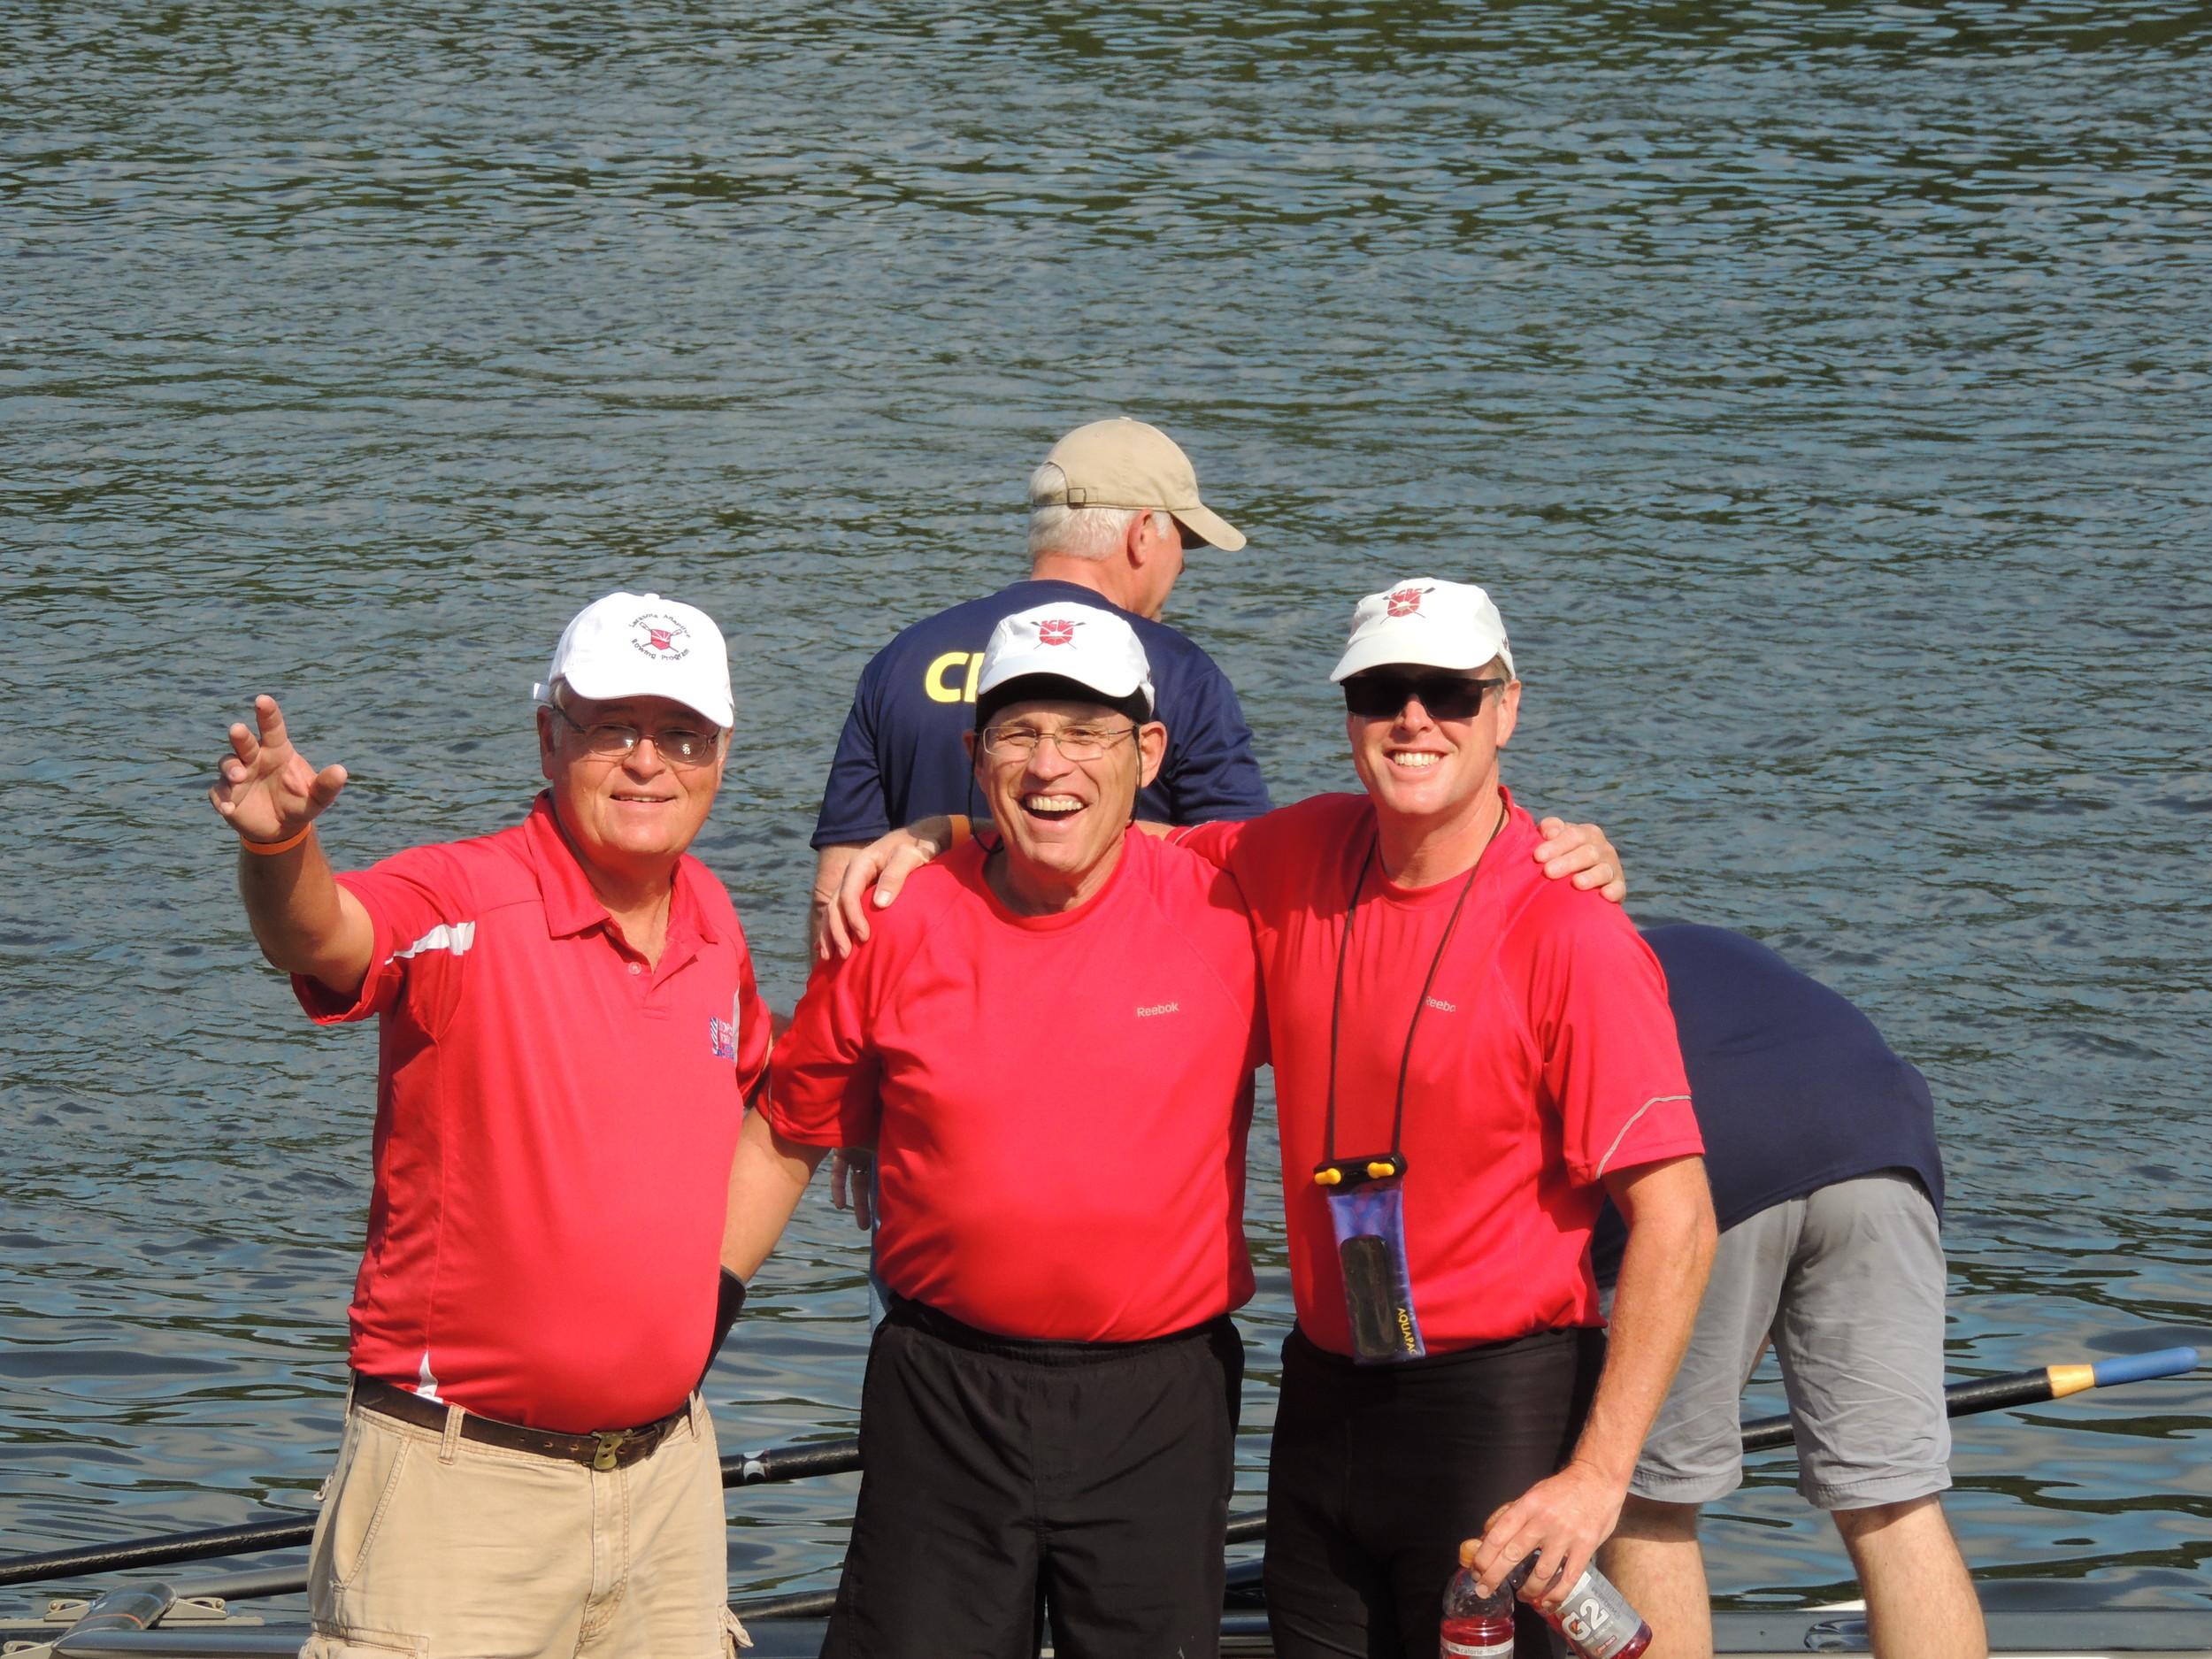 Joe Dobson, Jack Gerber and Todd Yeomans at the 2012 Bayada Regatta.